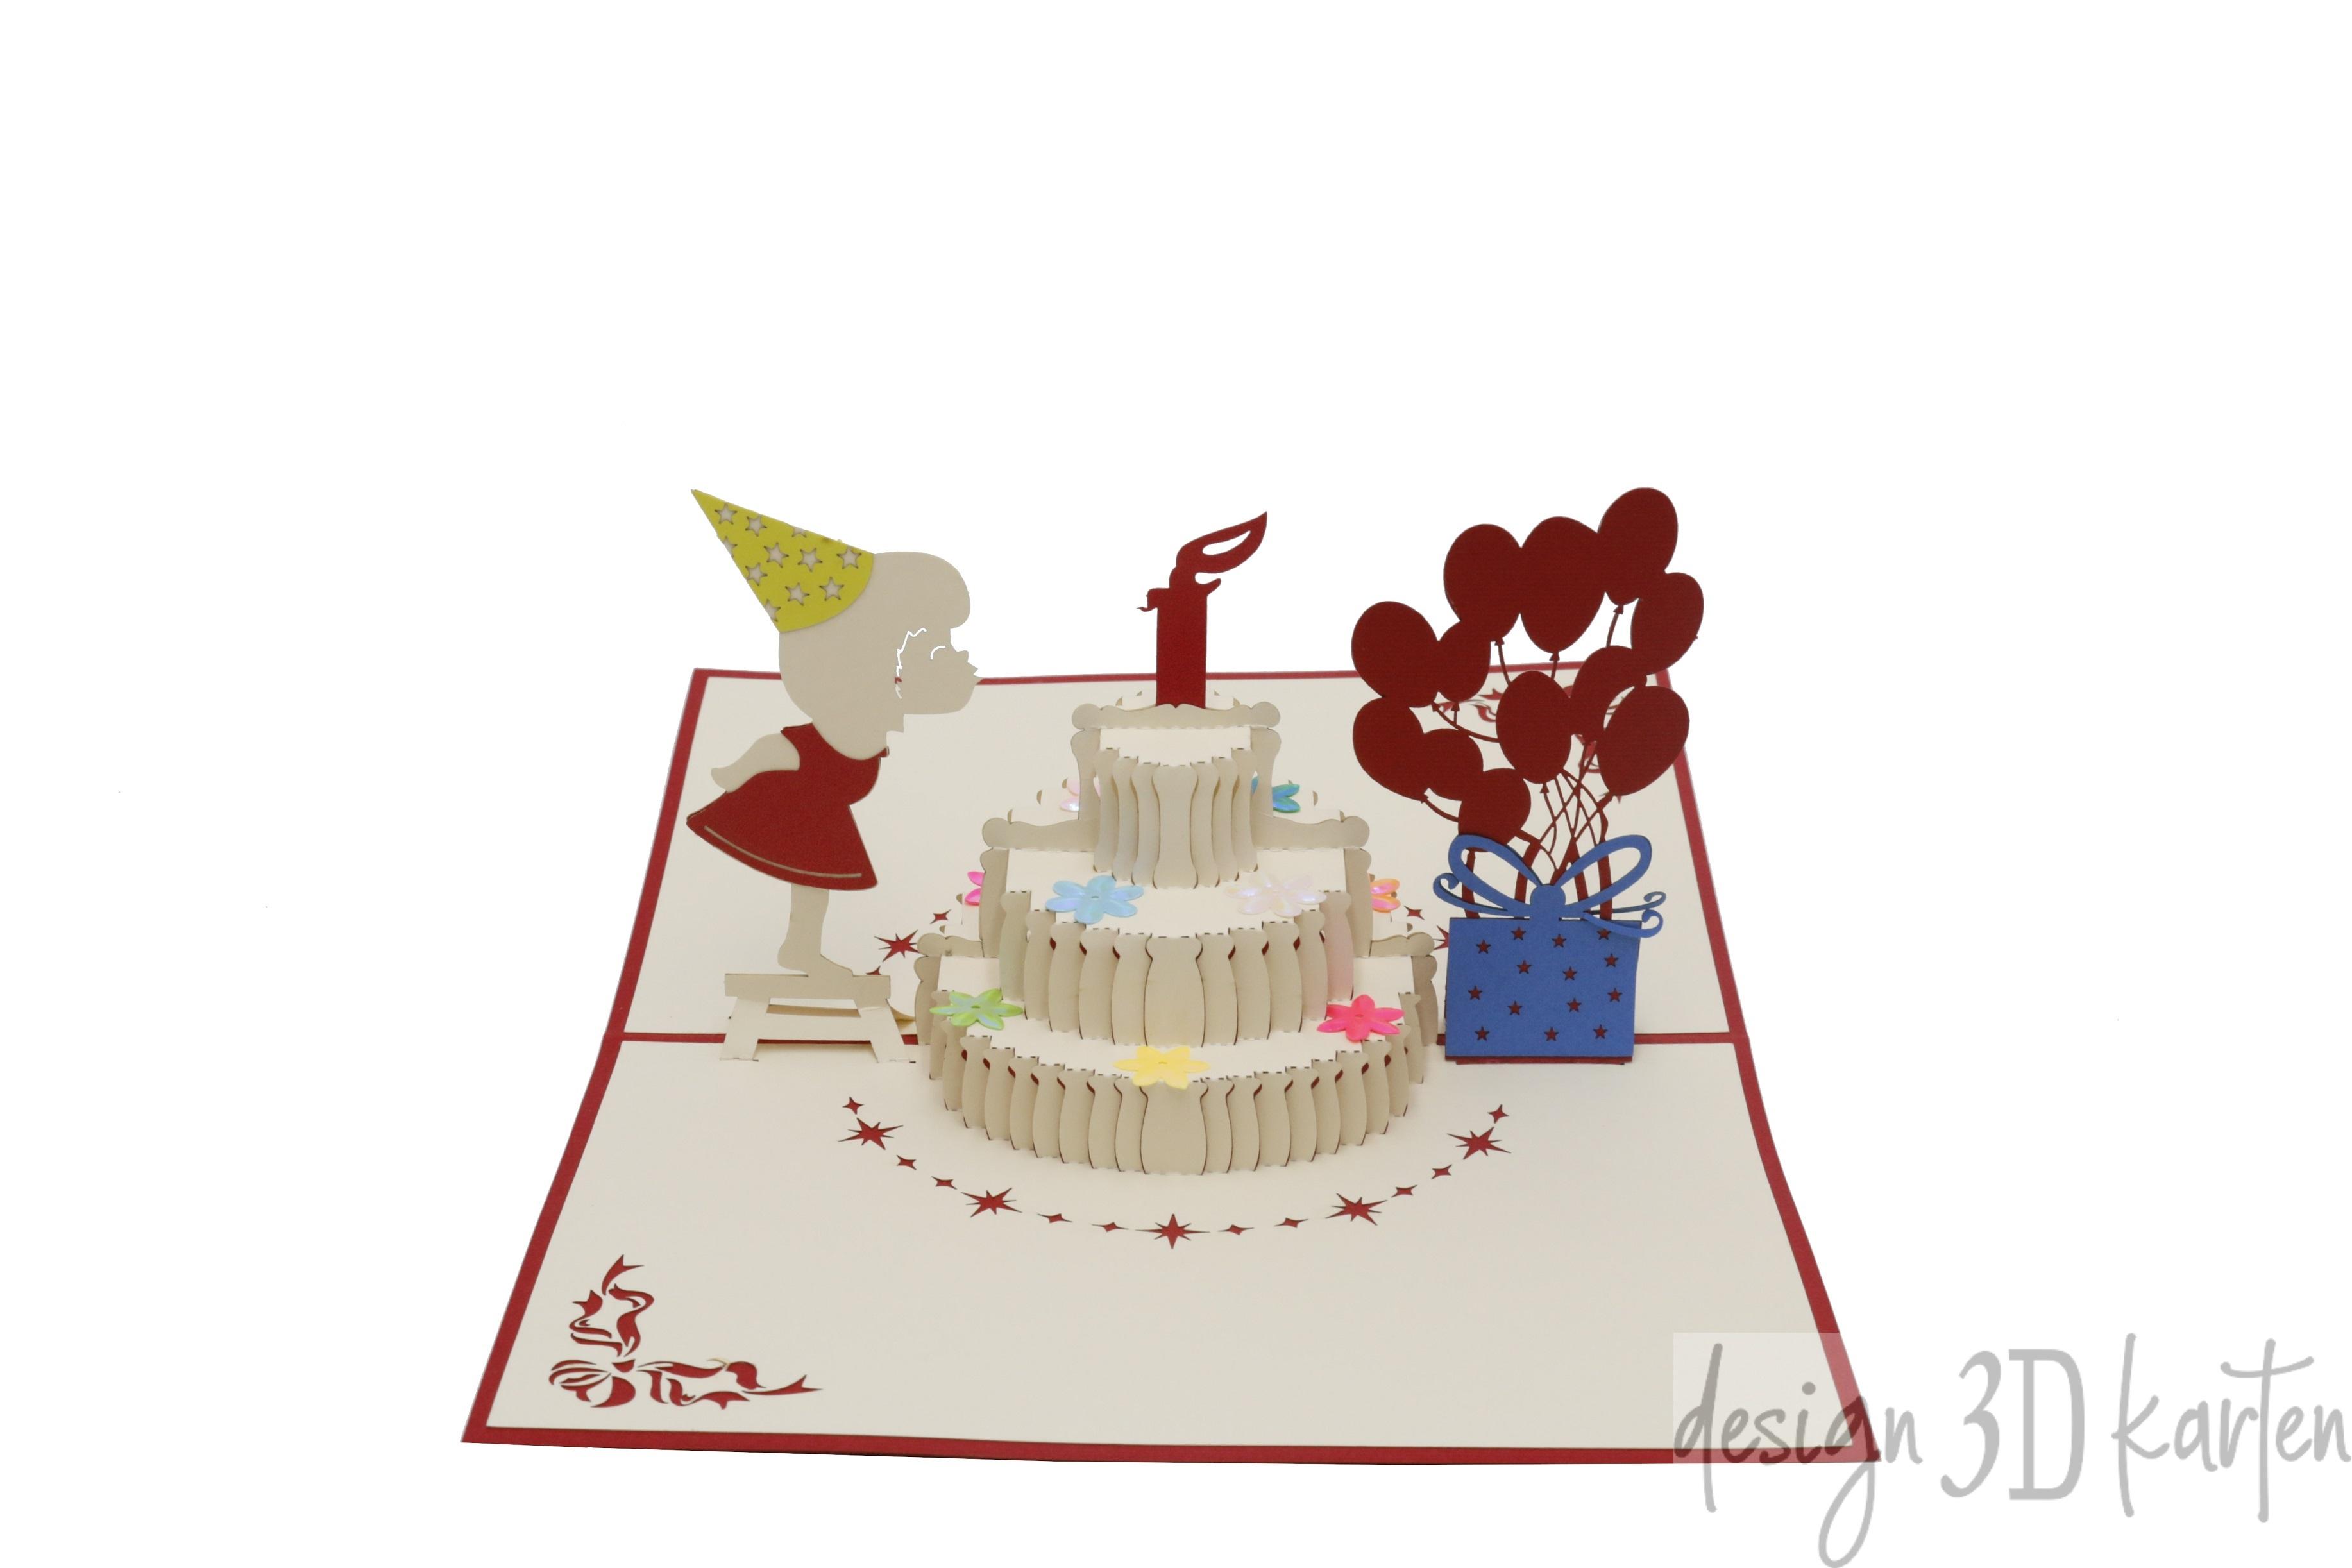 Geburtstagstorte Mit Mädchen Von Design3dkarten